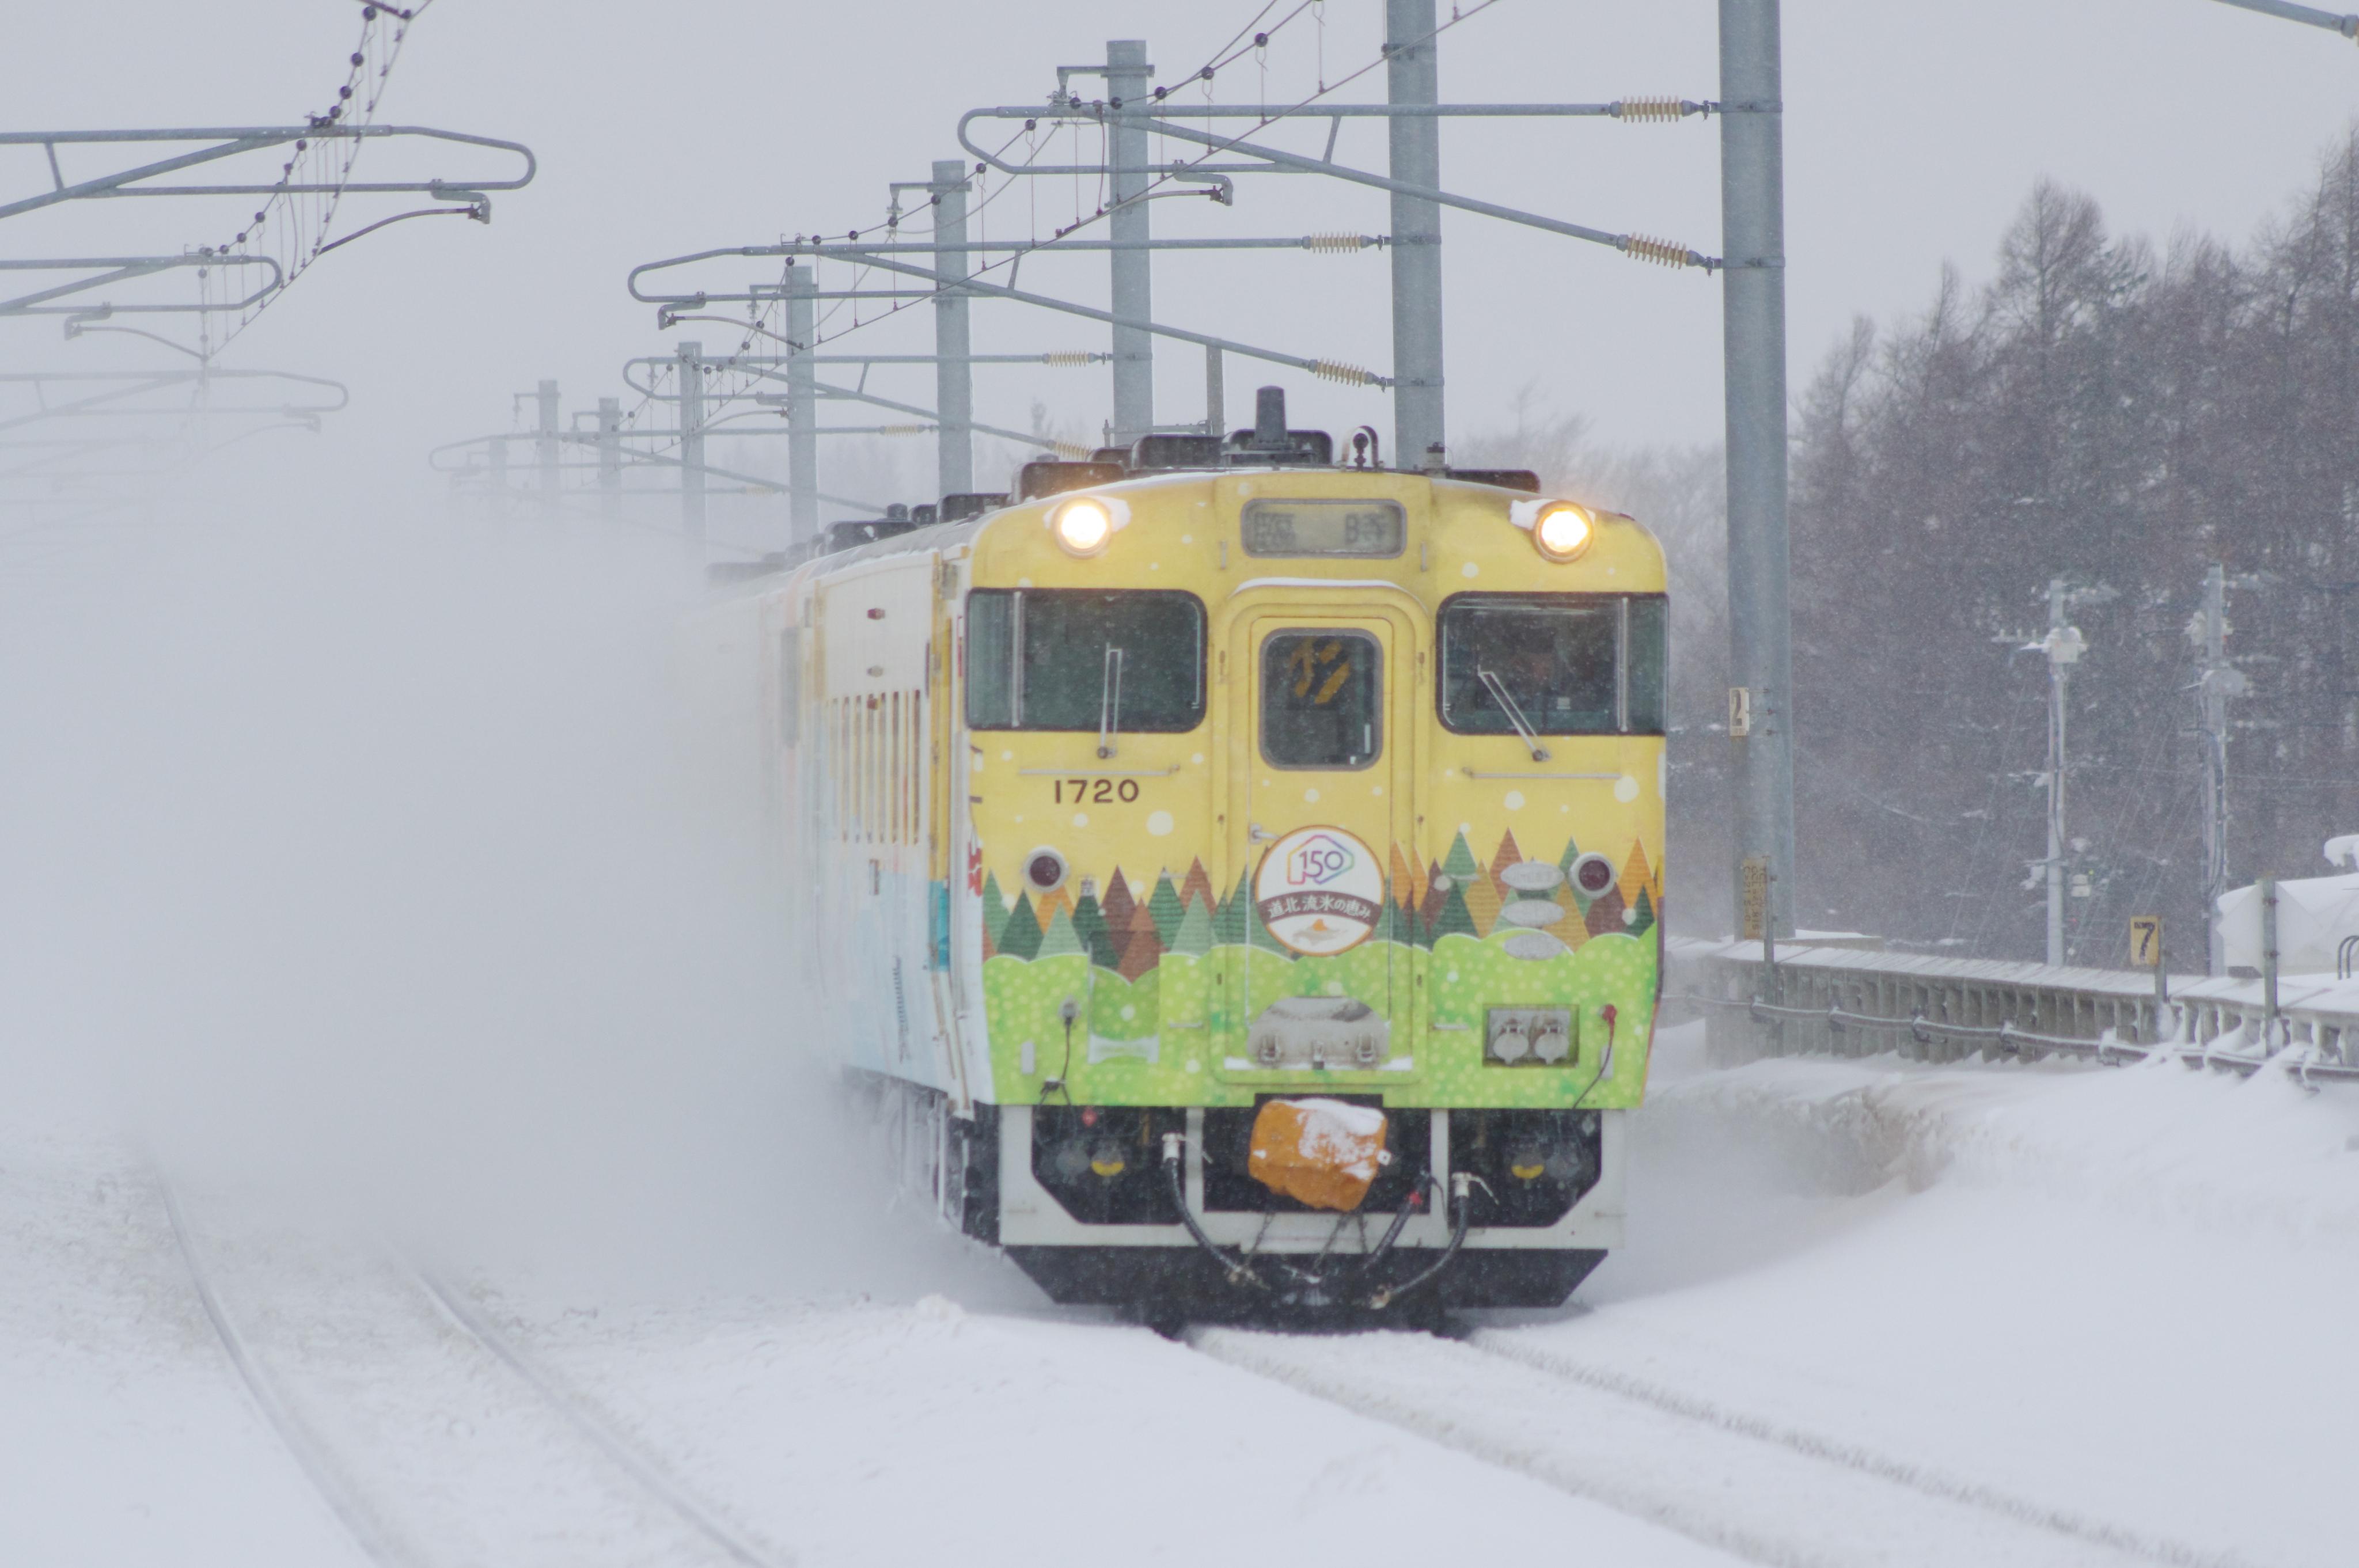 キハ40 団臨 元気です 夕張号 野幌駅_190202 (2).jpg